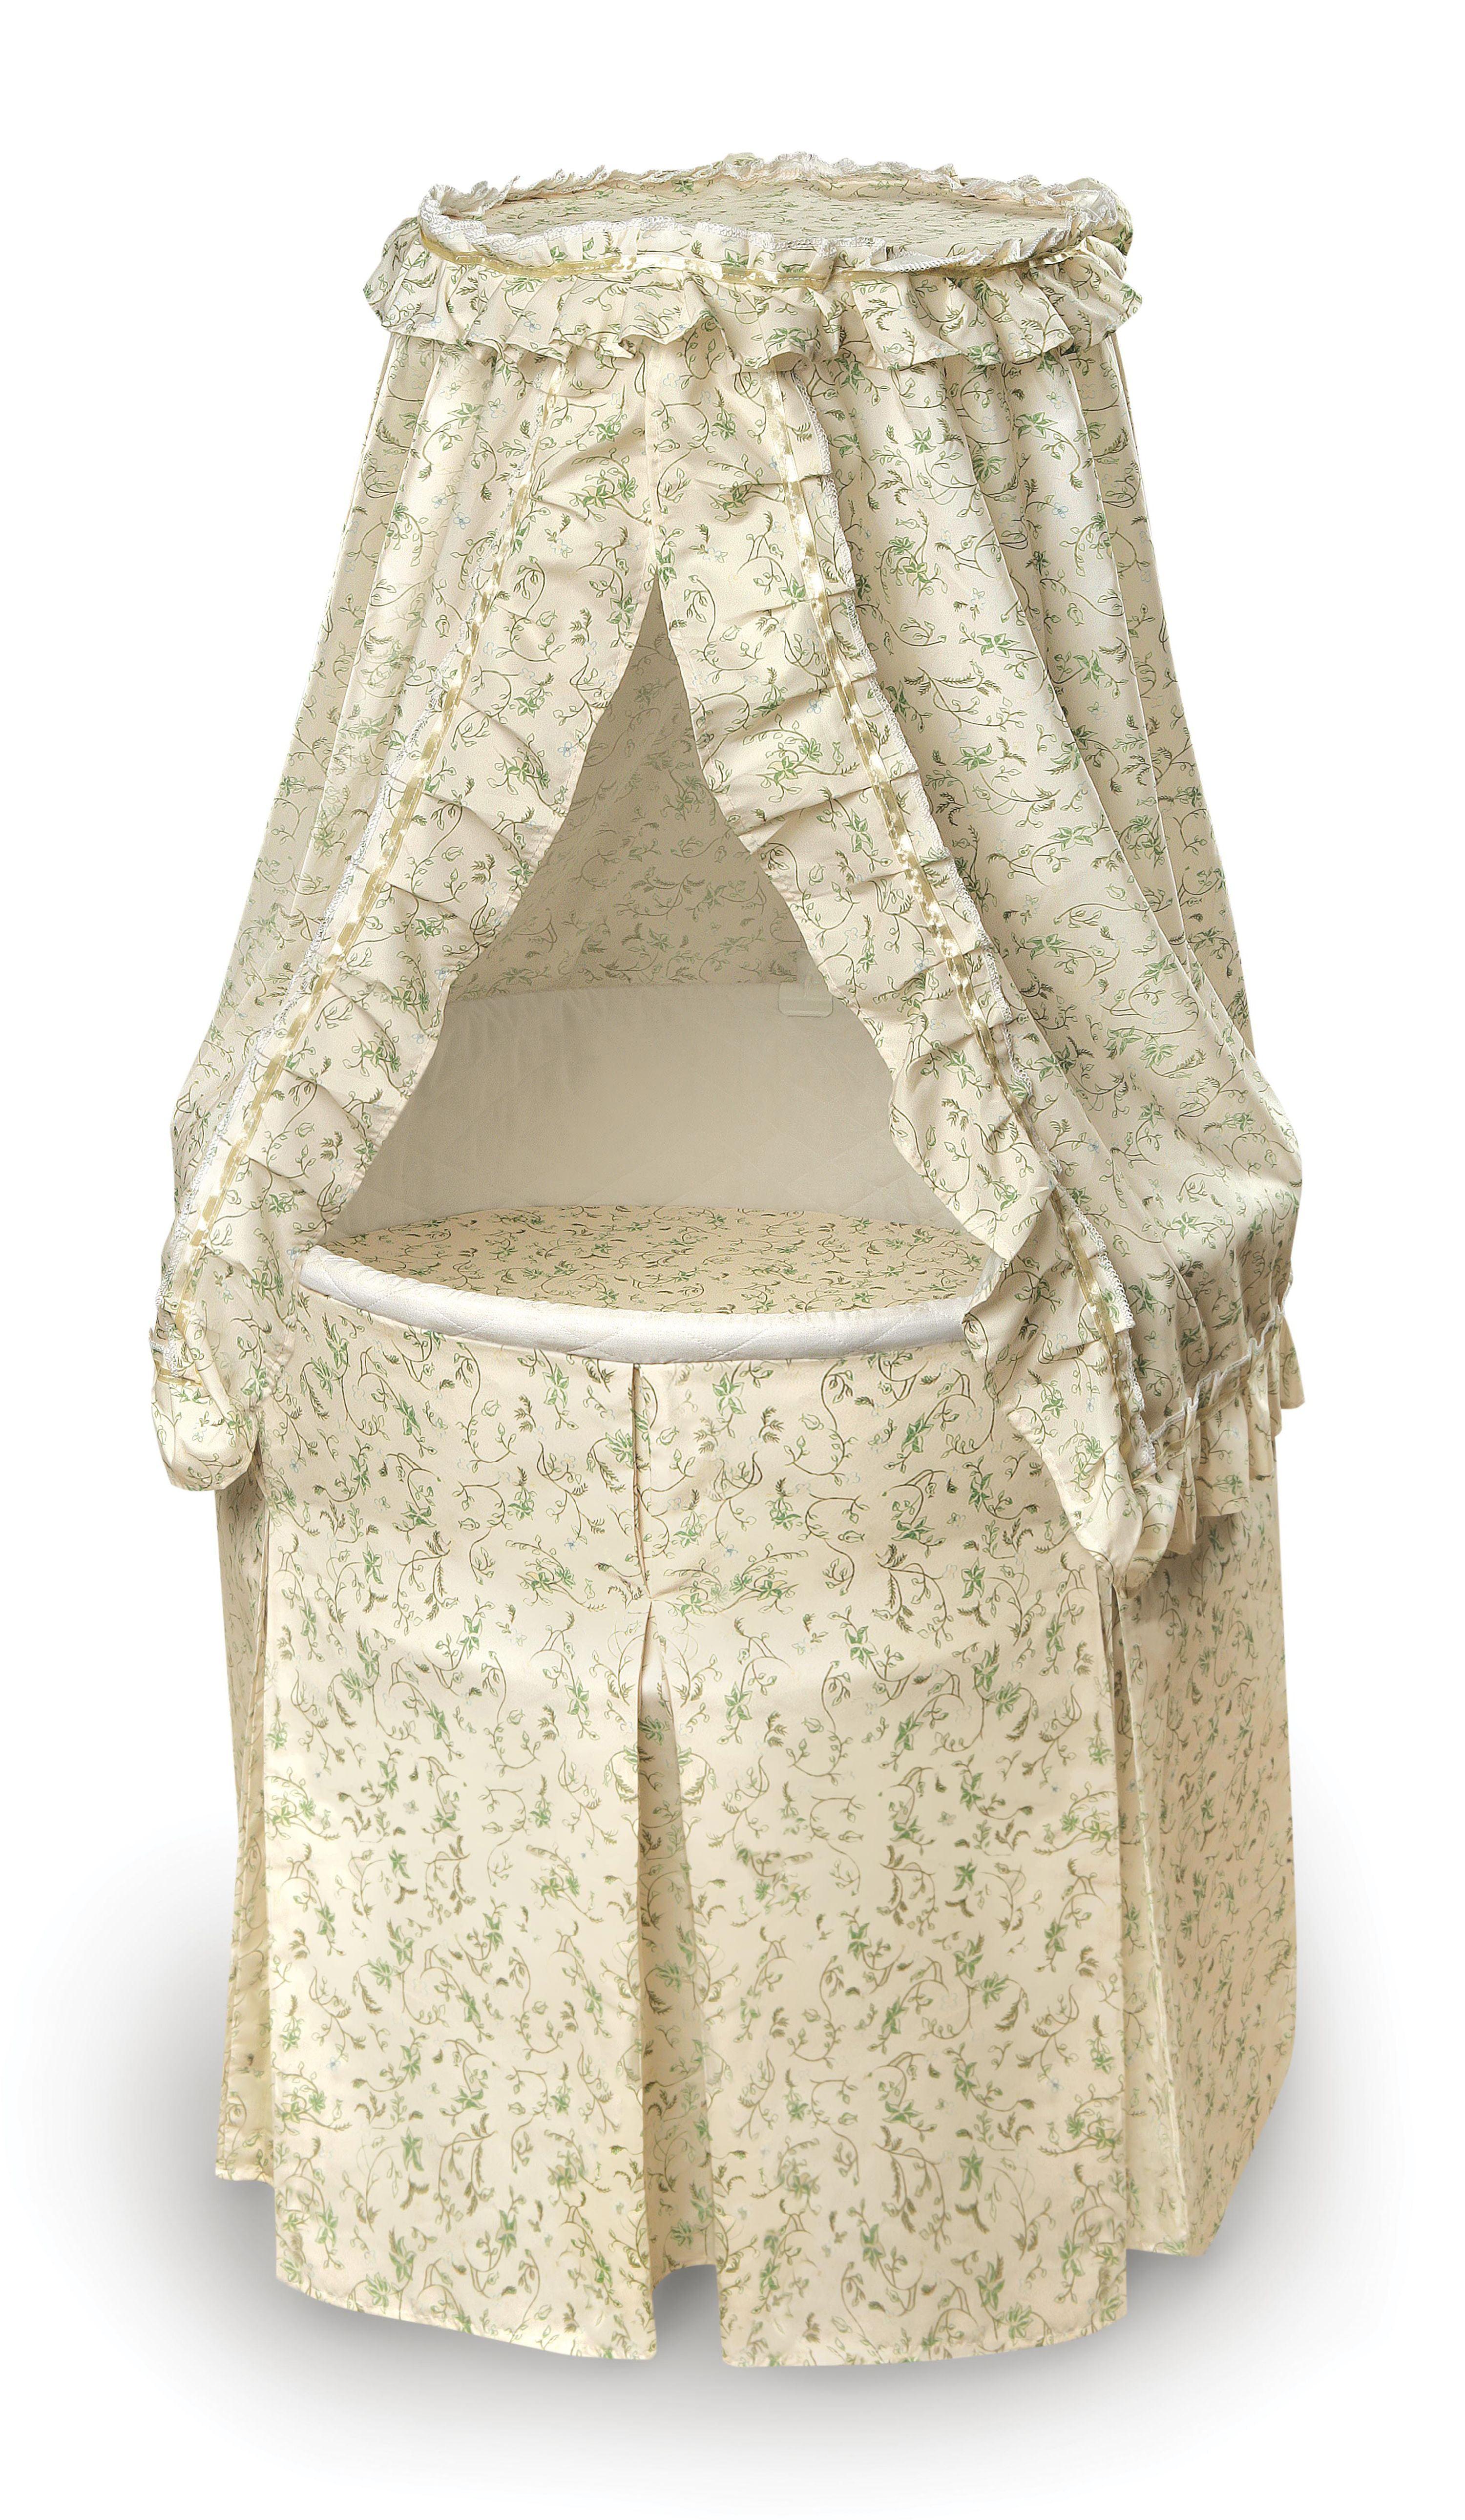 Badger Basket Empress Round Baby Bassinet Nursery Room Furniture Ecru Sage 83903 Ebay